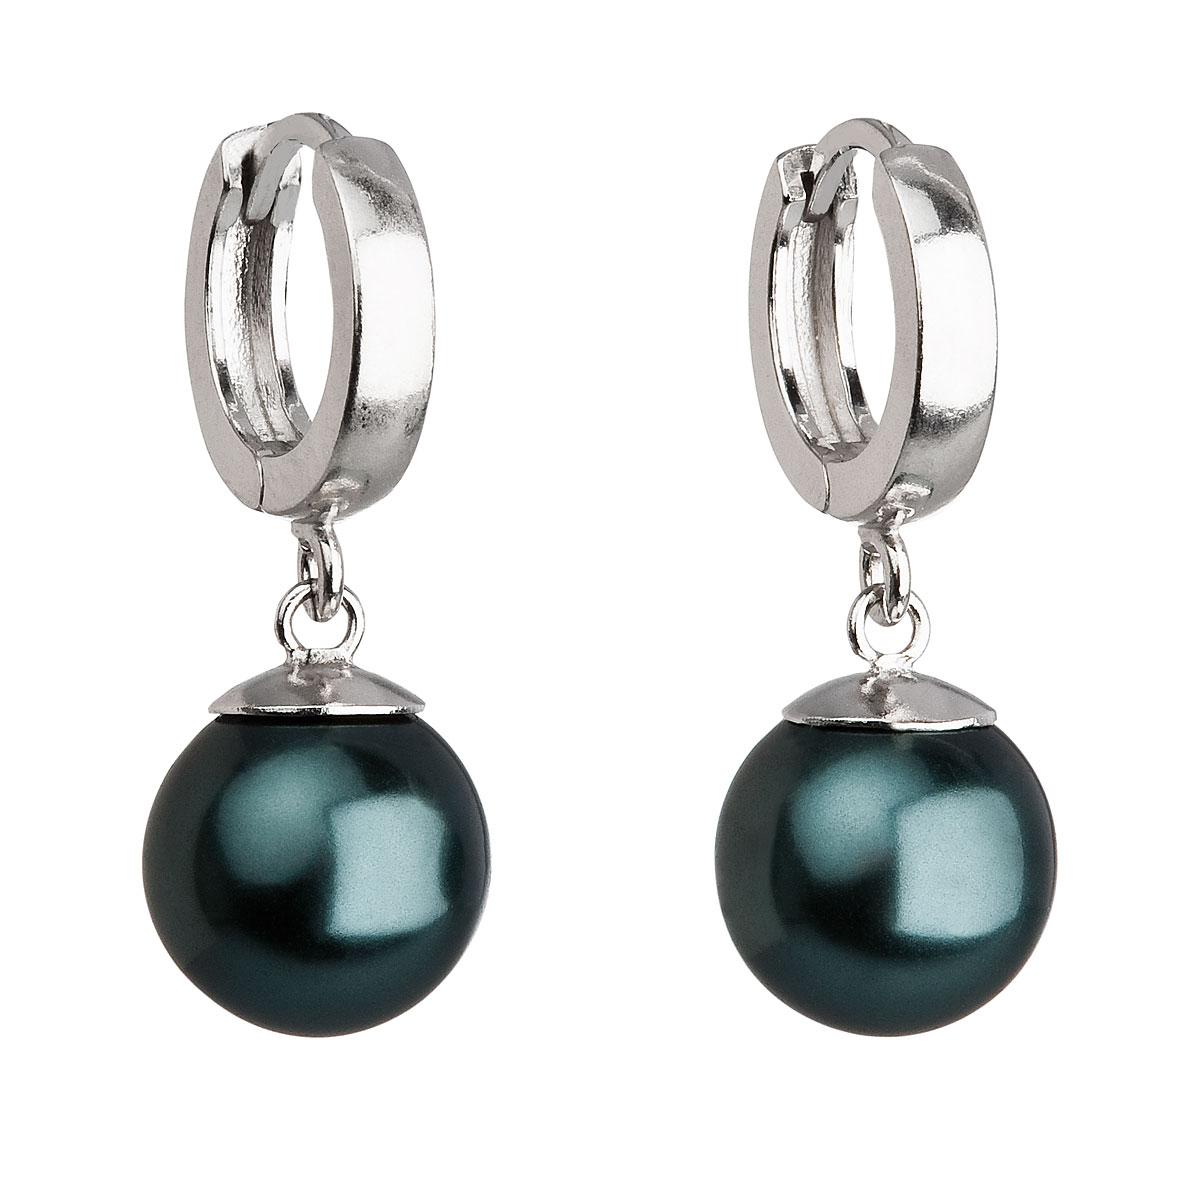 Evolution Group Stříbrné náušnice visací s perlou Swarovski zelené kulaté 31151.3, dárkové balení